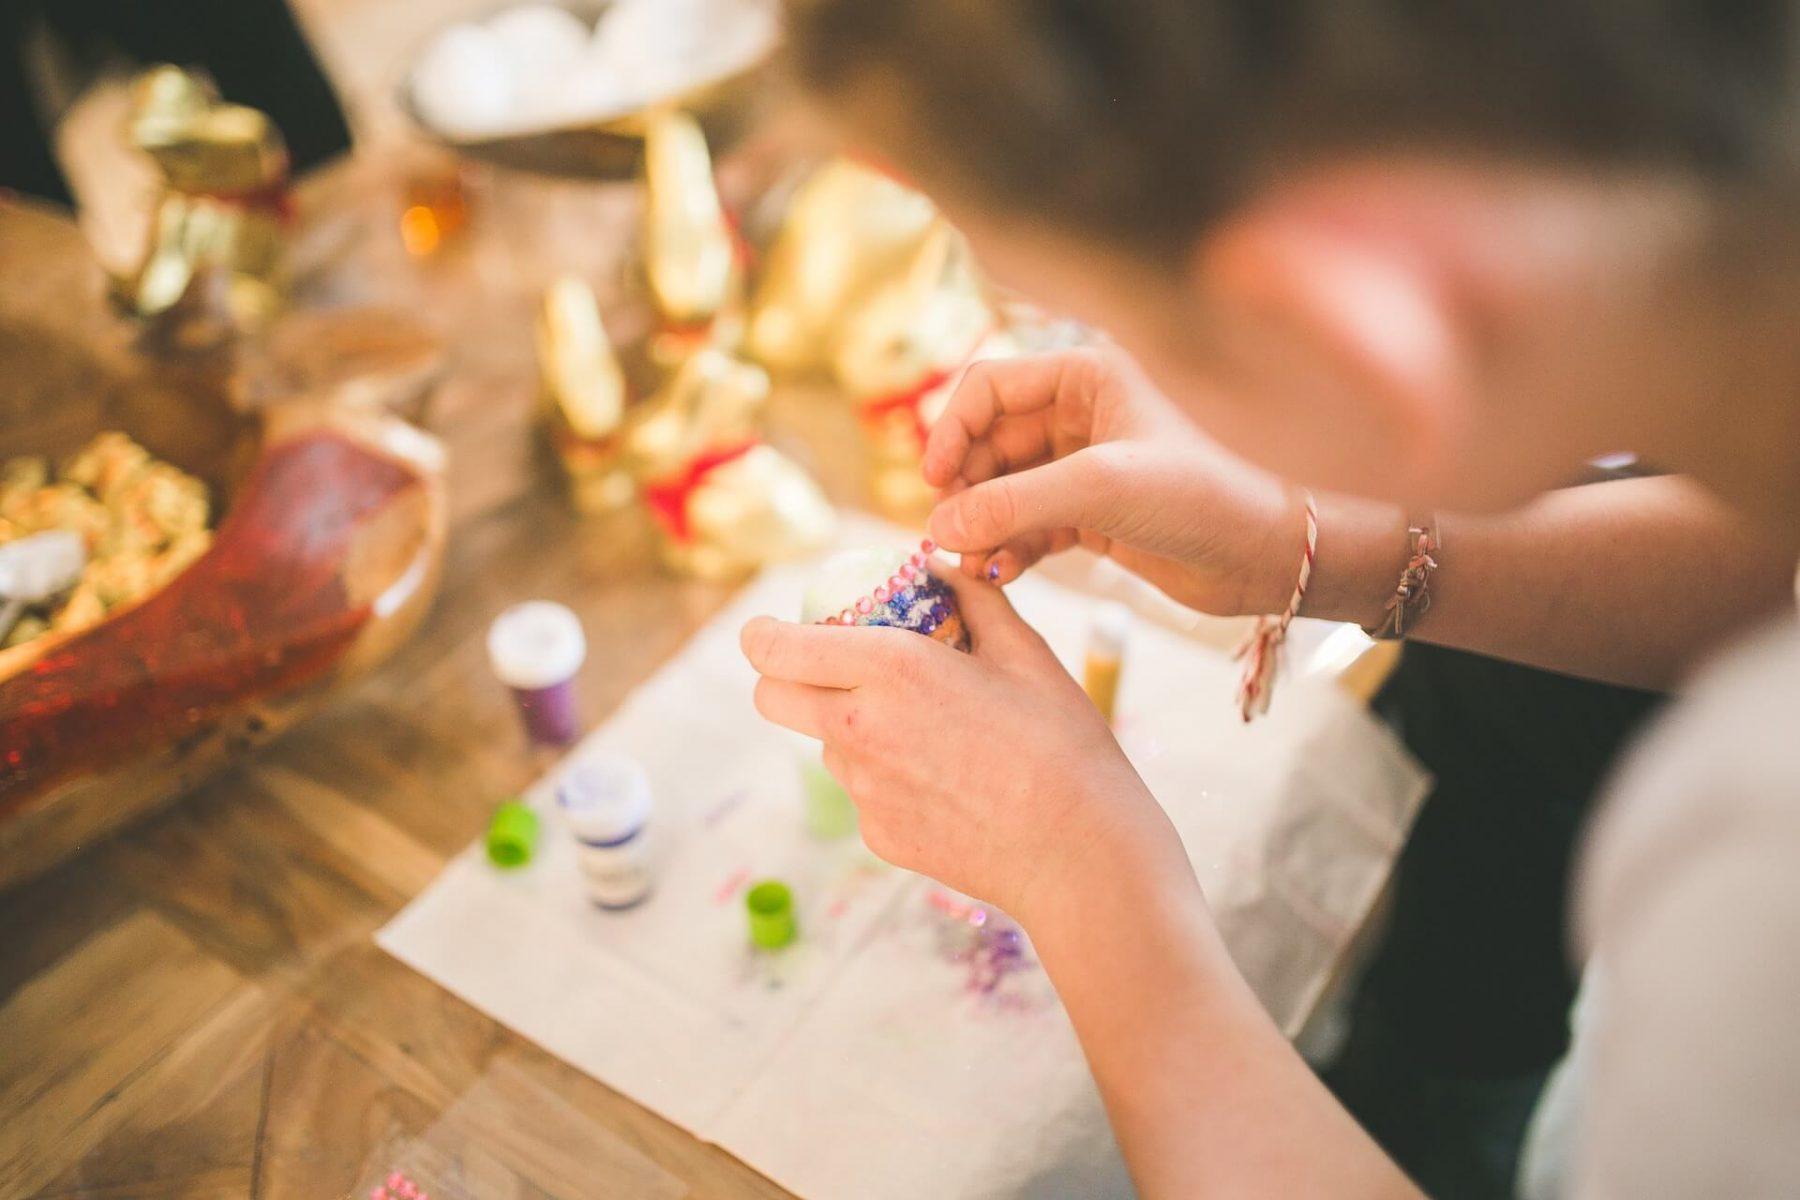 kinh doanh handmade e1574068531171 - Tổng hợp những ý tưởng kinh doanh nhỏ mới nhất 2020